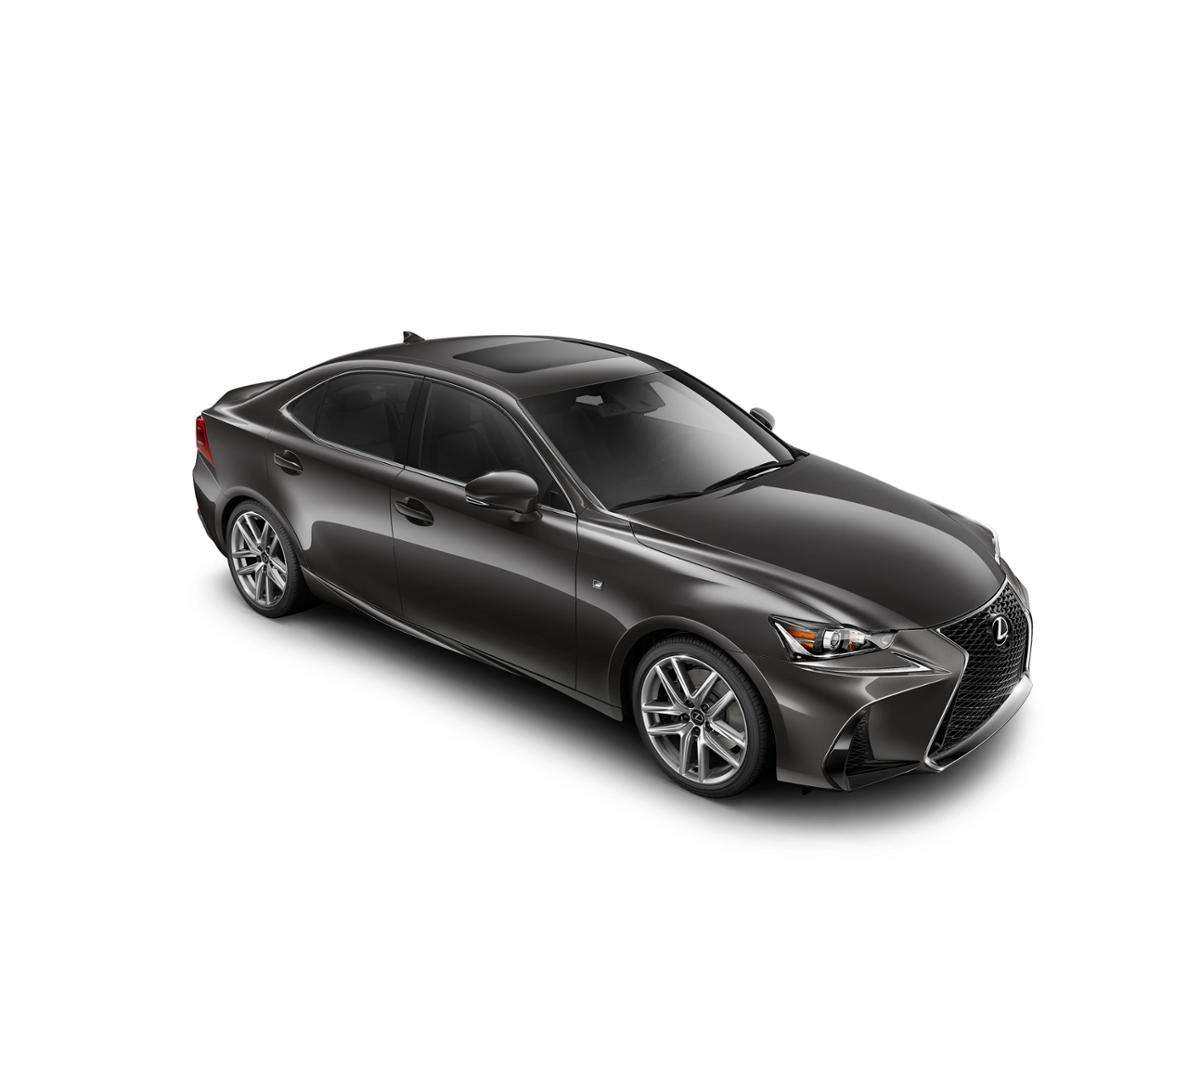 Lexus Is300 For Sale: New Caviar 2019 Lexus IS 300 F SPORT In Clearwater, FL